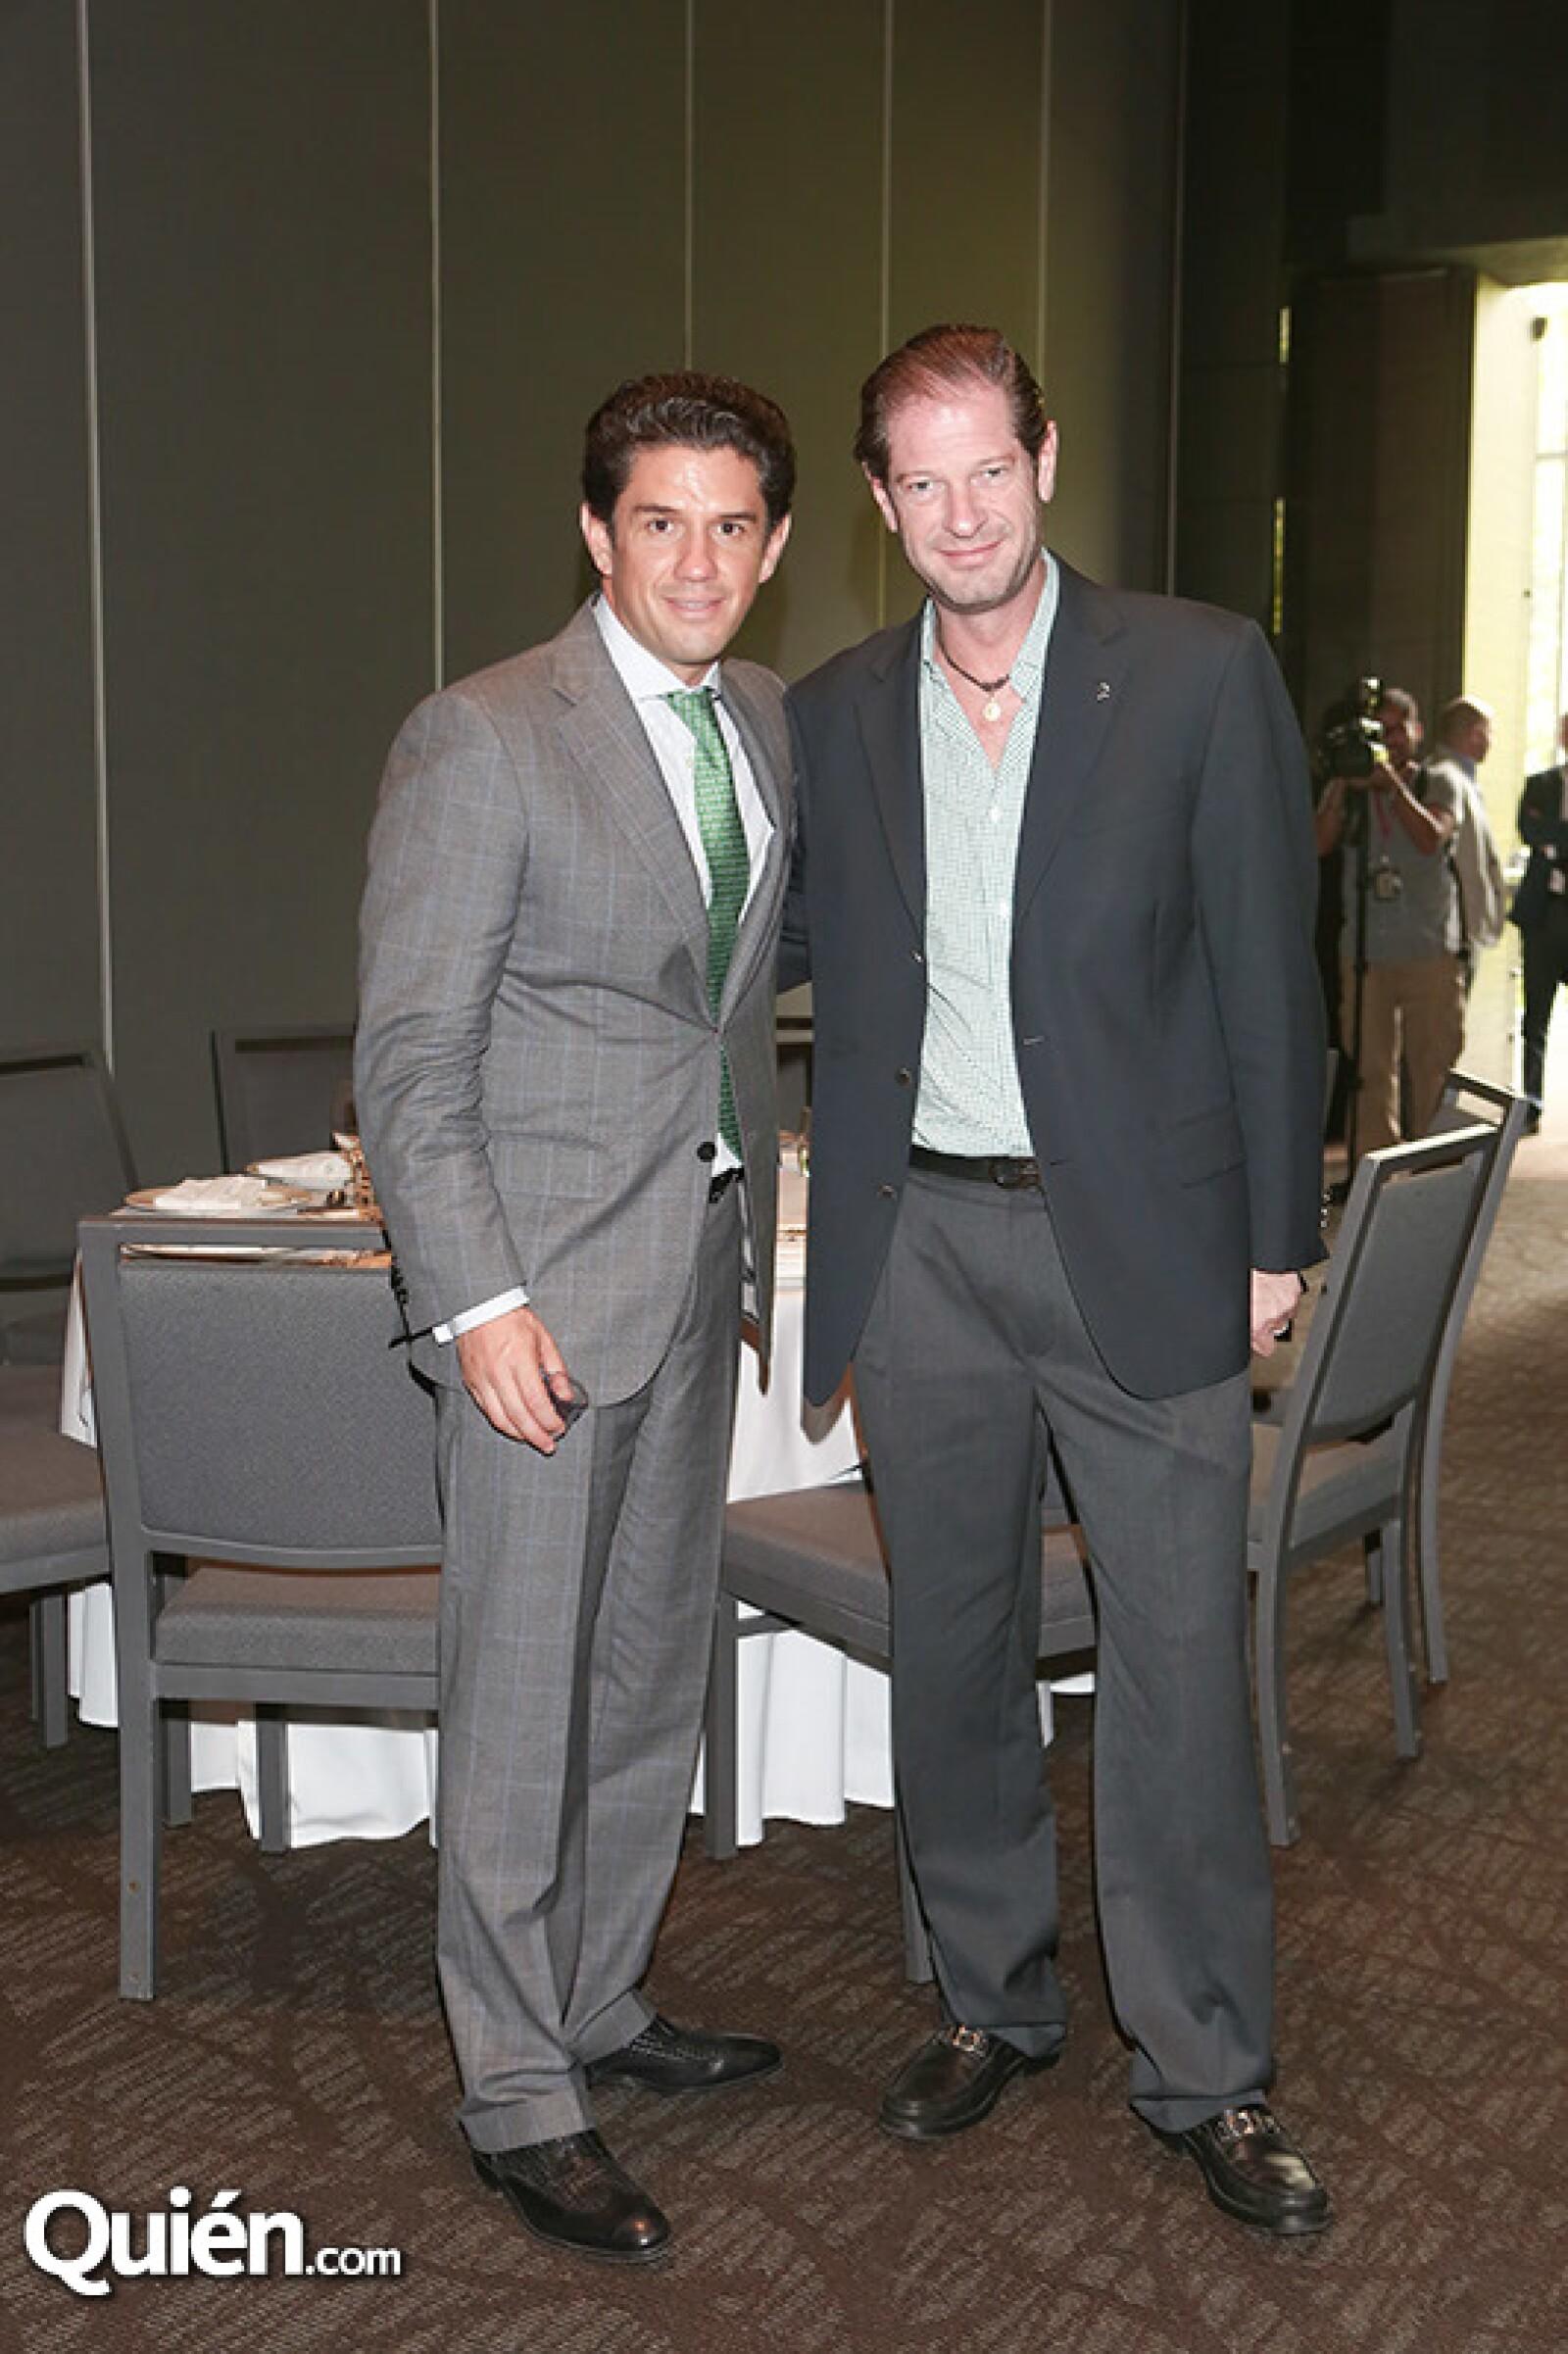 Alejandro Irarragorri y Manuel Portilla